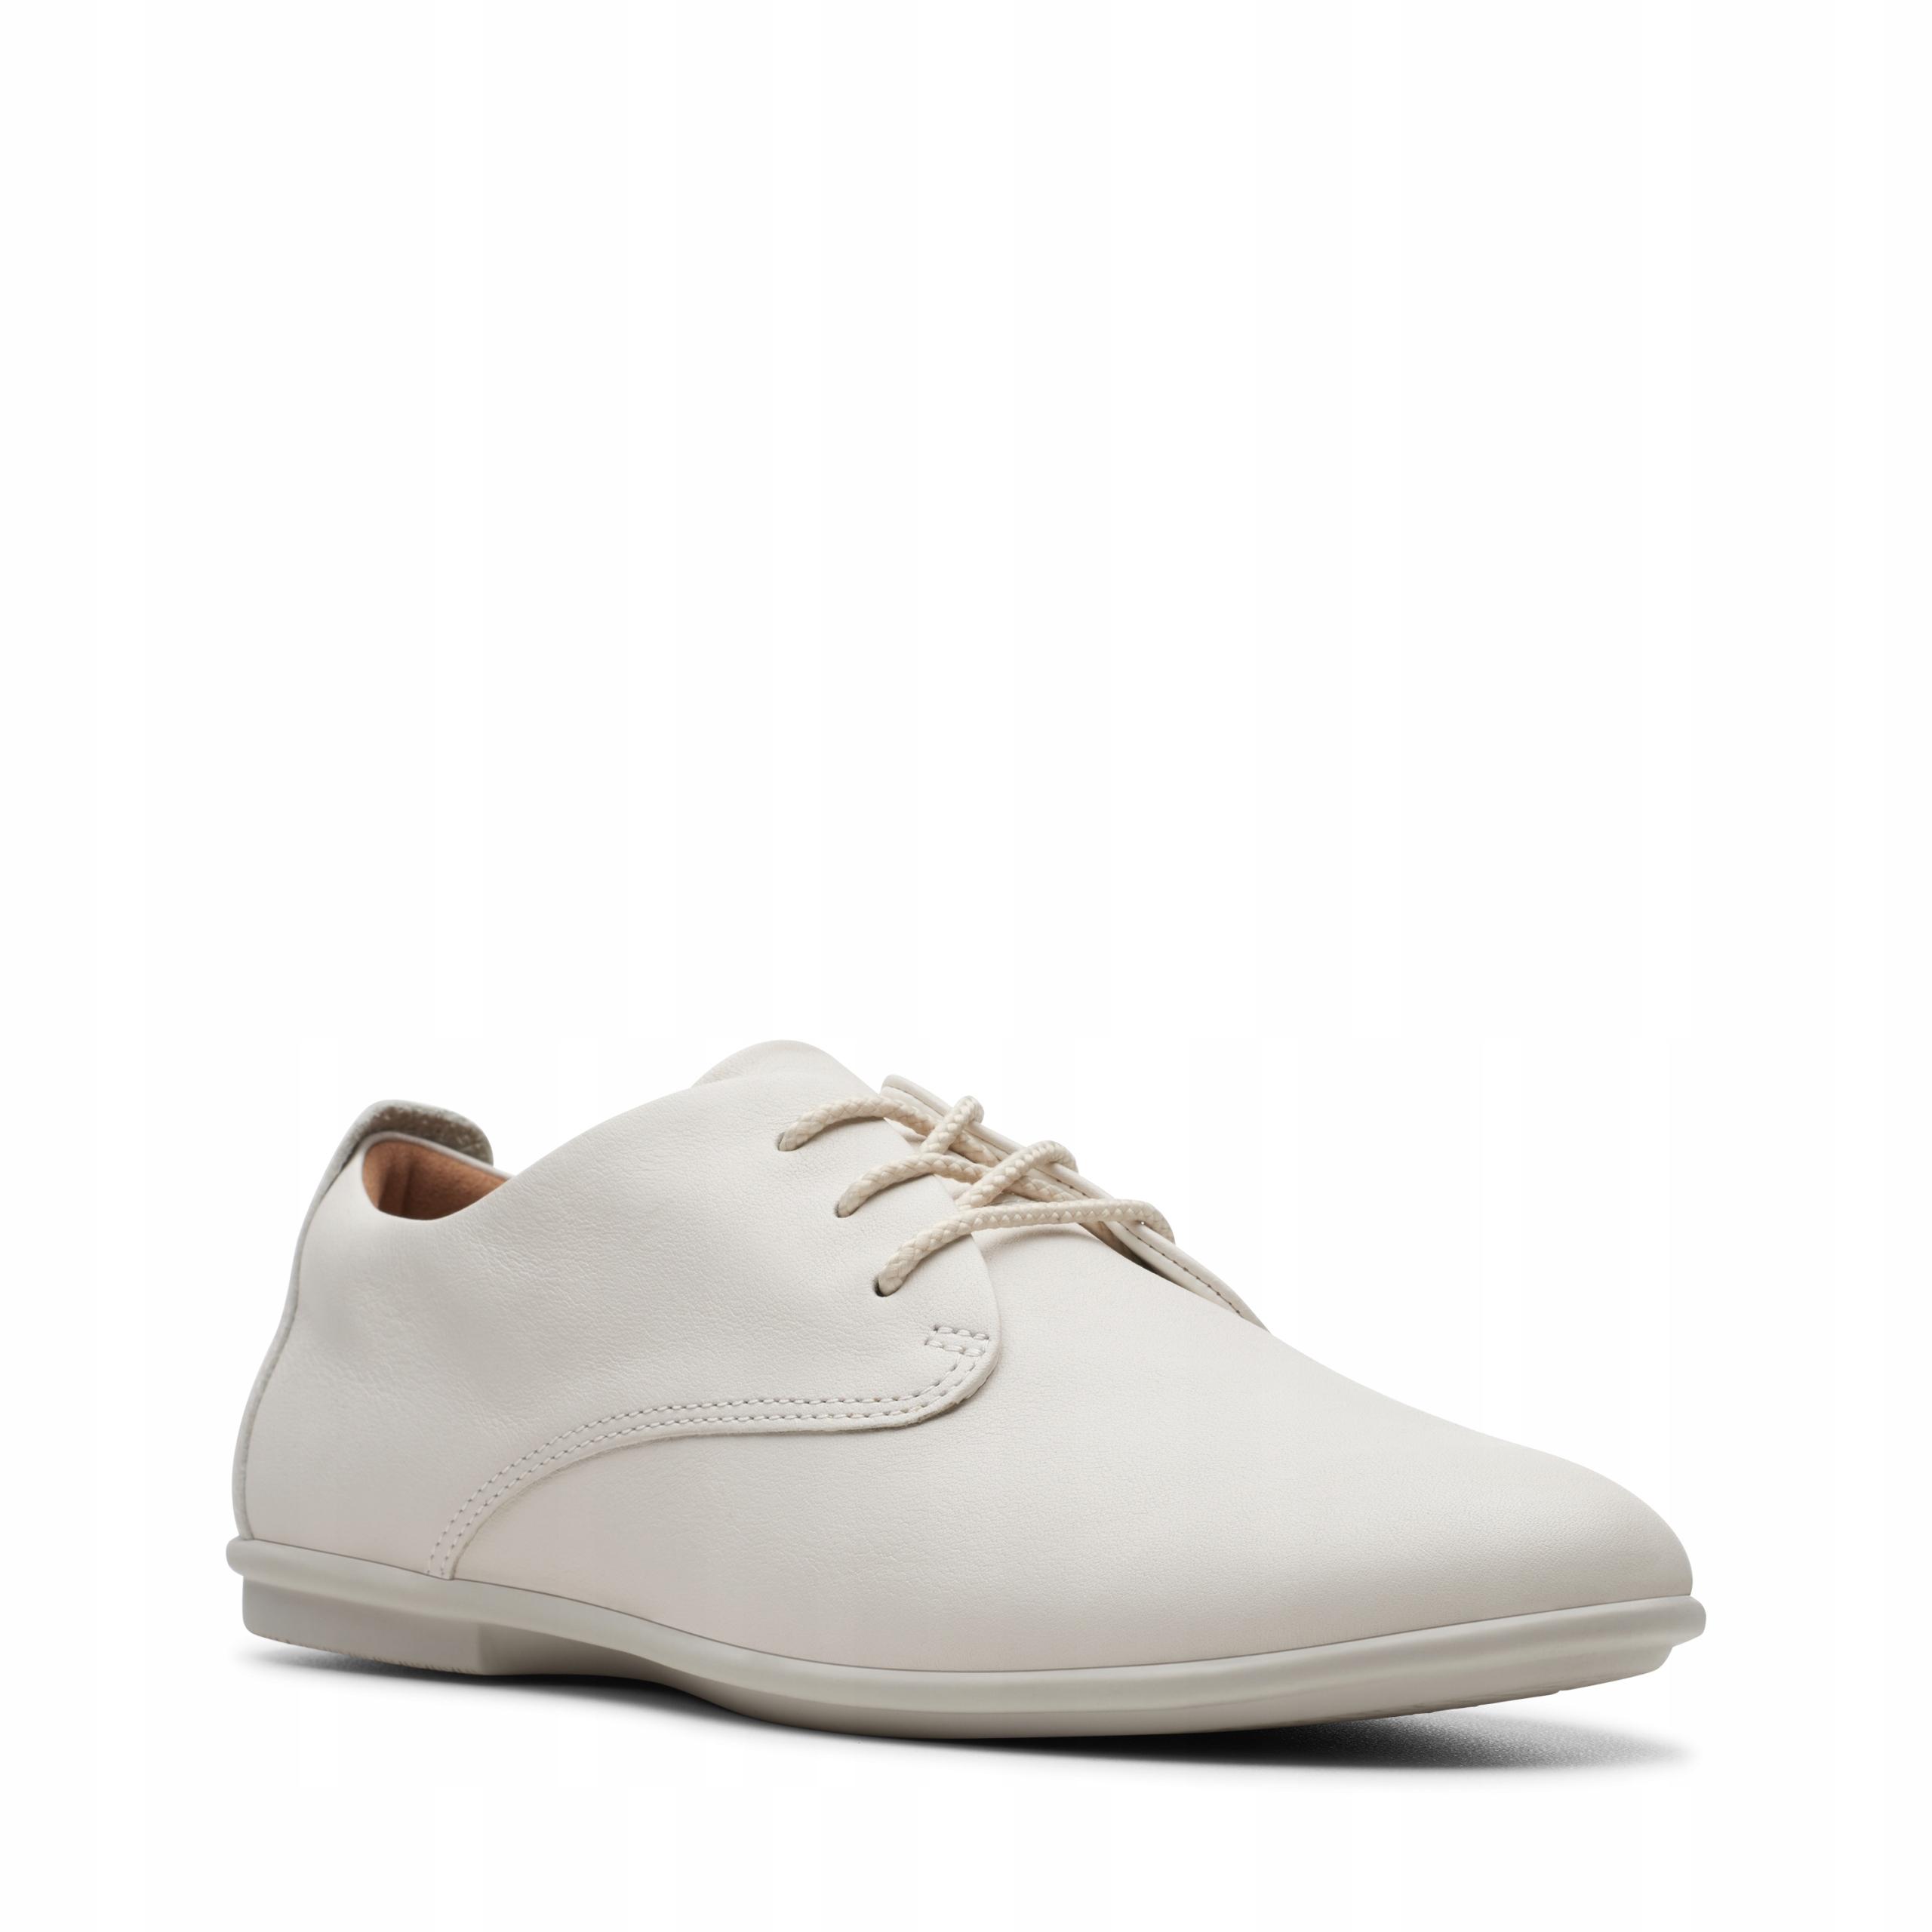 PÓŁBUTY CLARKS UN CORAL LACE White Leather 40